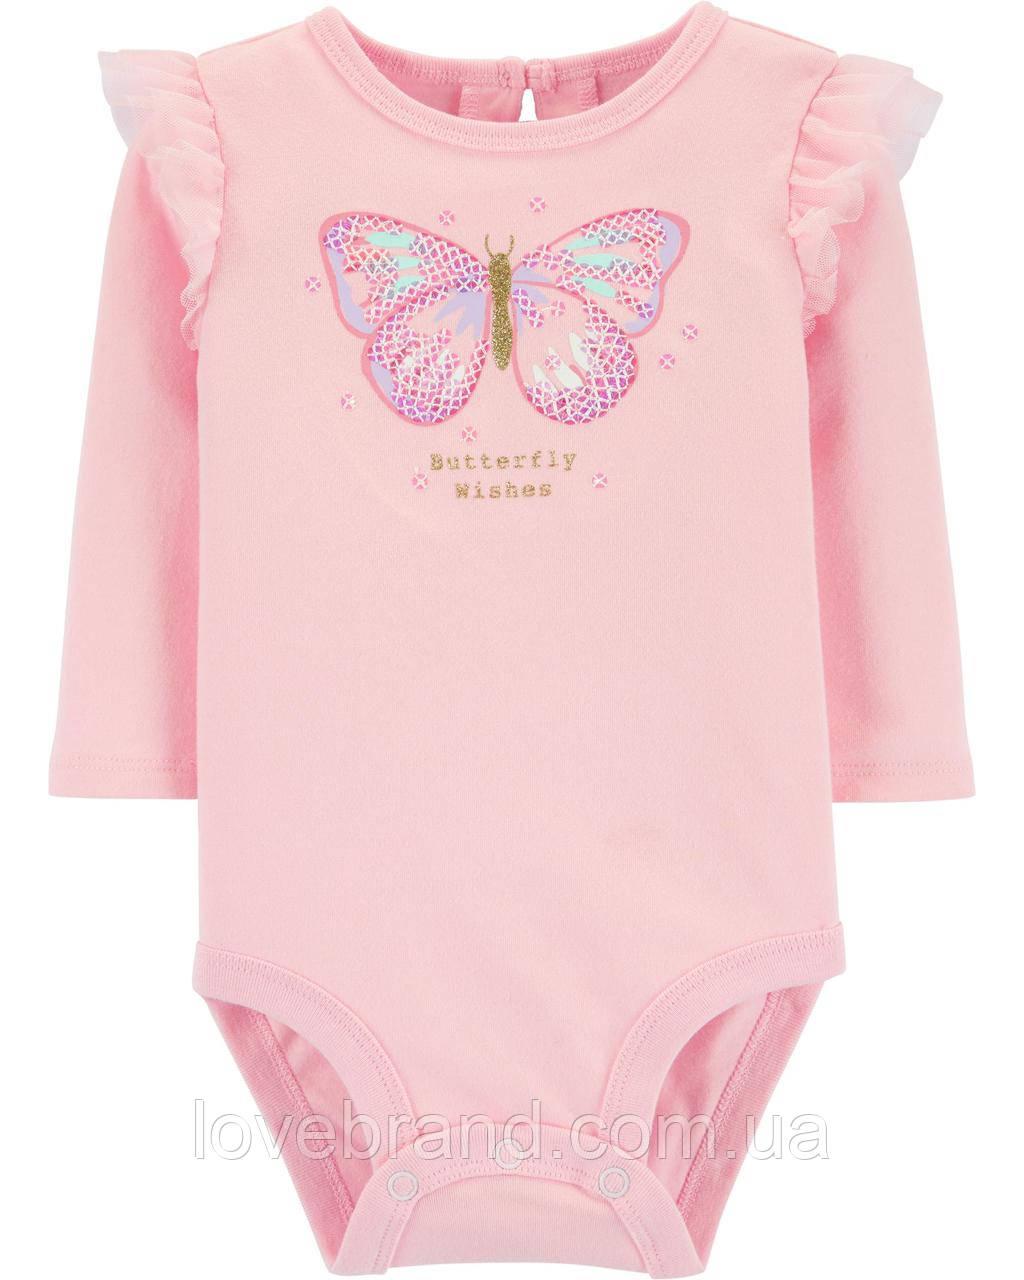 Нарядный боди на длинный рукав  для девочки Carter's, розовый с бабочкой 6 мес/61-67 см